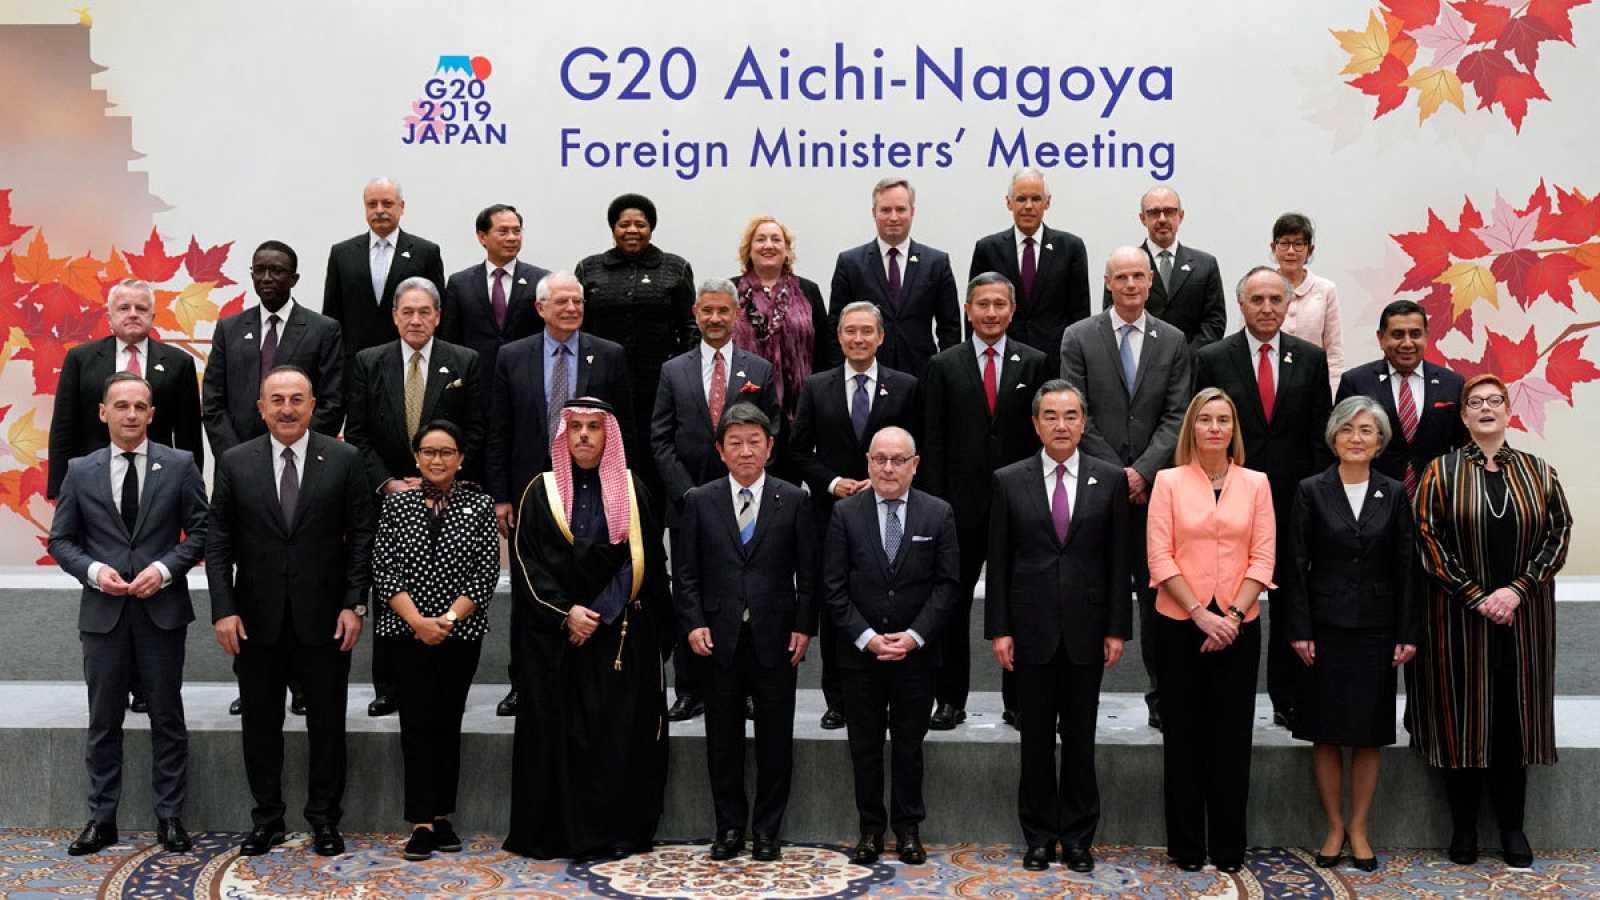 Representantes de los Ministerios de Asuntos Exteriores de los países del G20 en Nagoya (Japón)